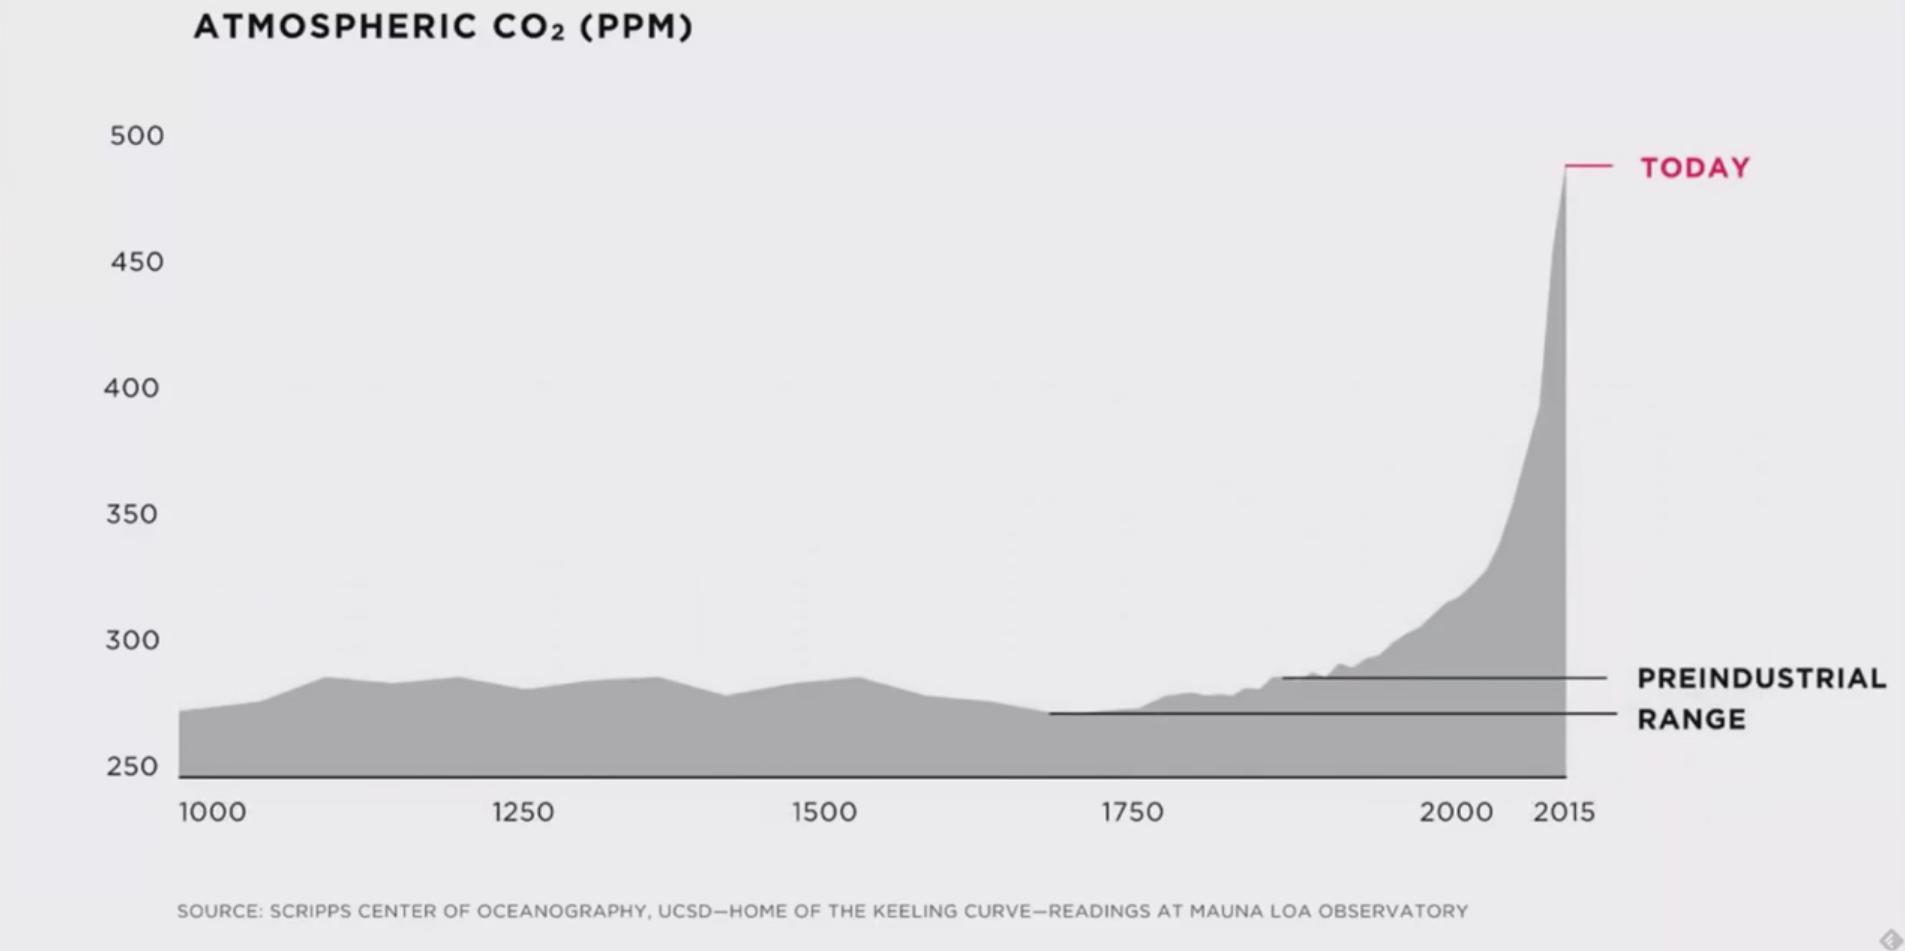 grafico aumento carbono atmosfera